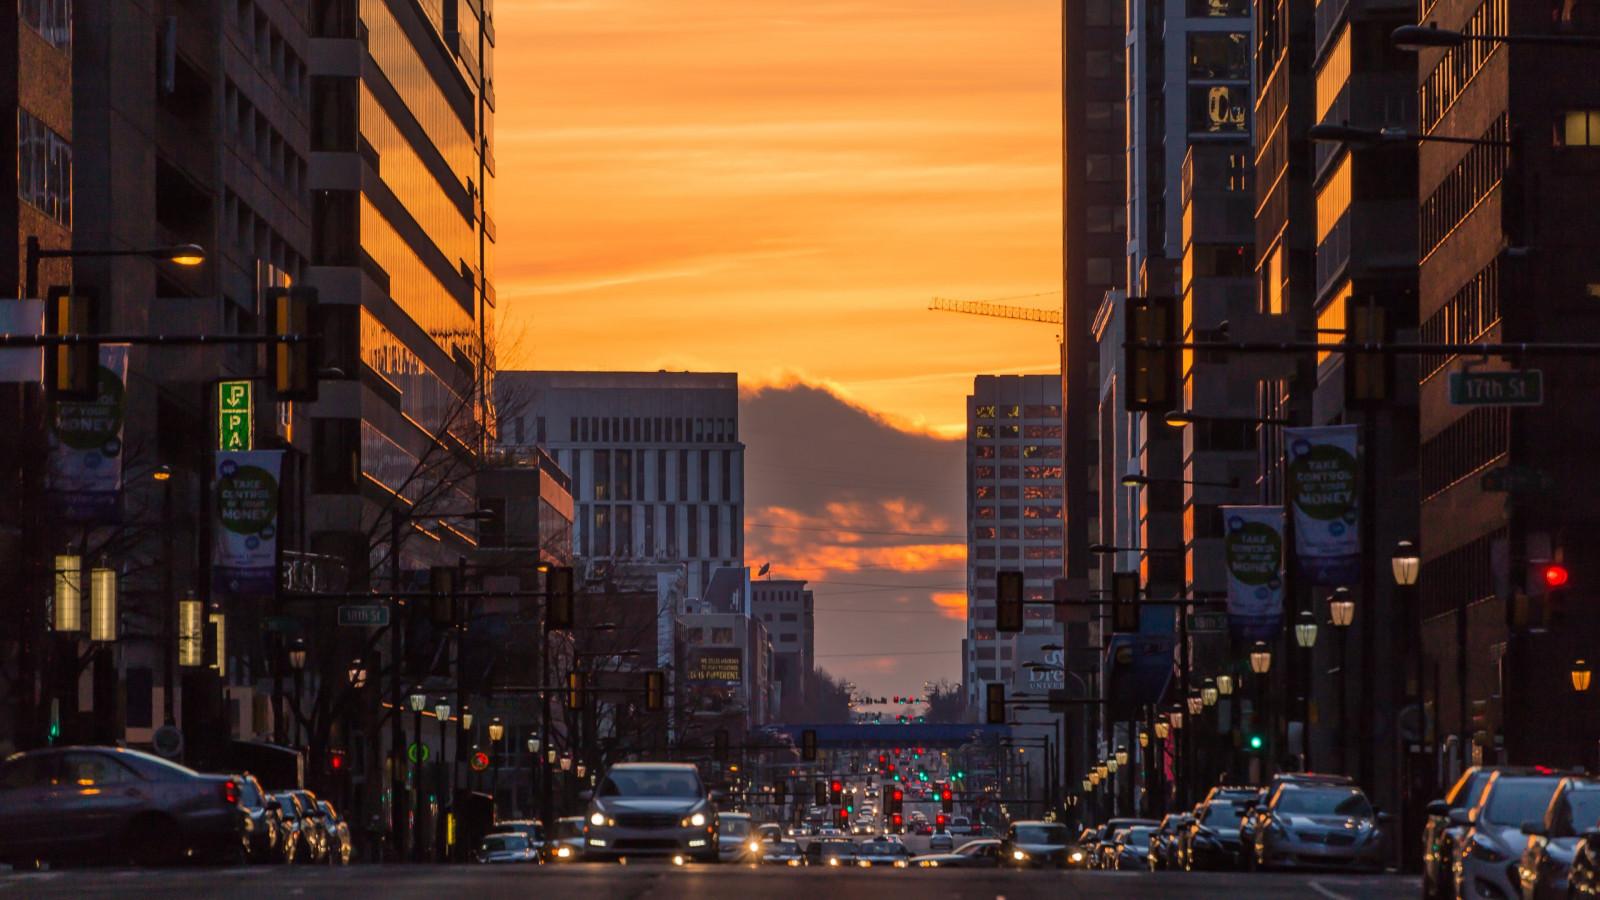 Urban landscape photography tips 11 Surefire Landscape Photography Tips